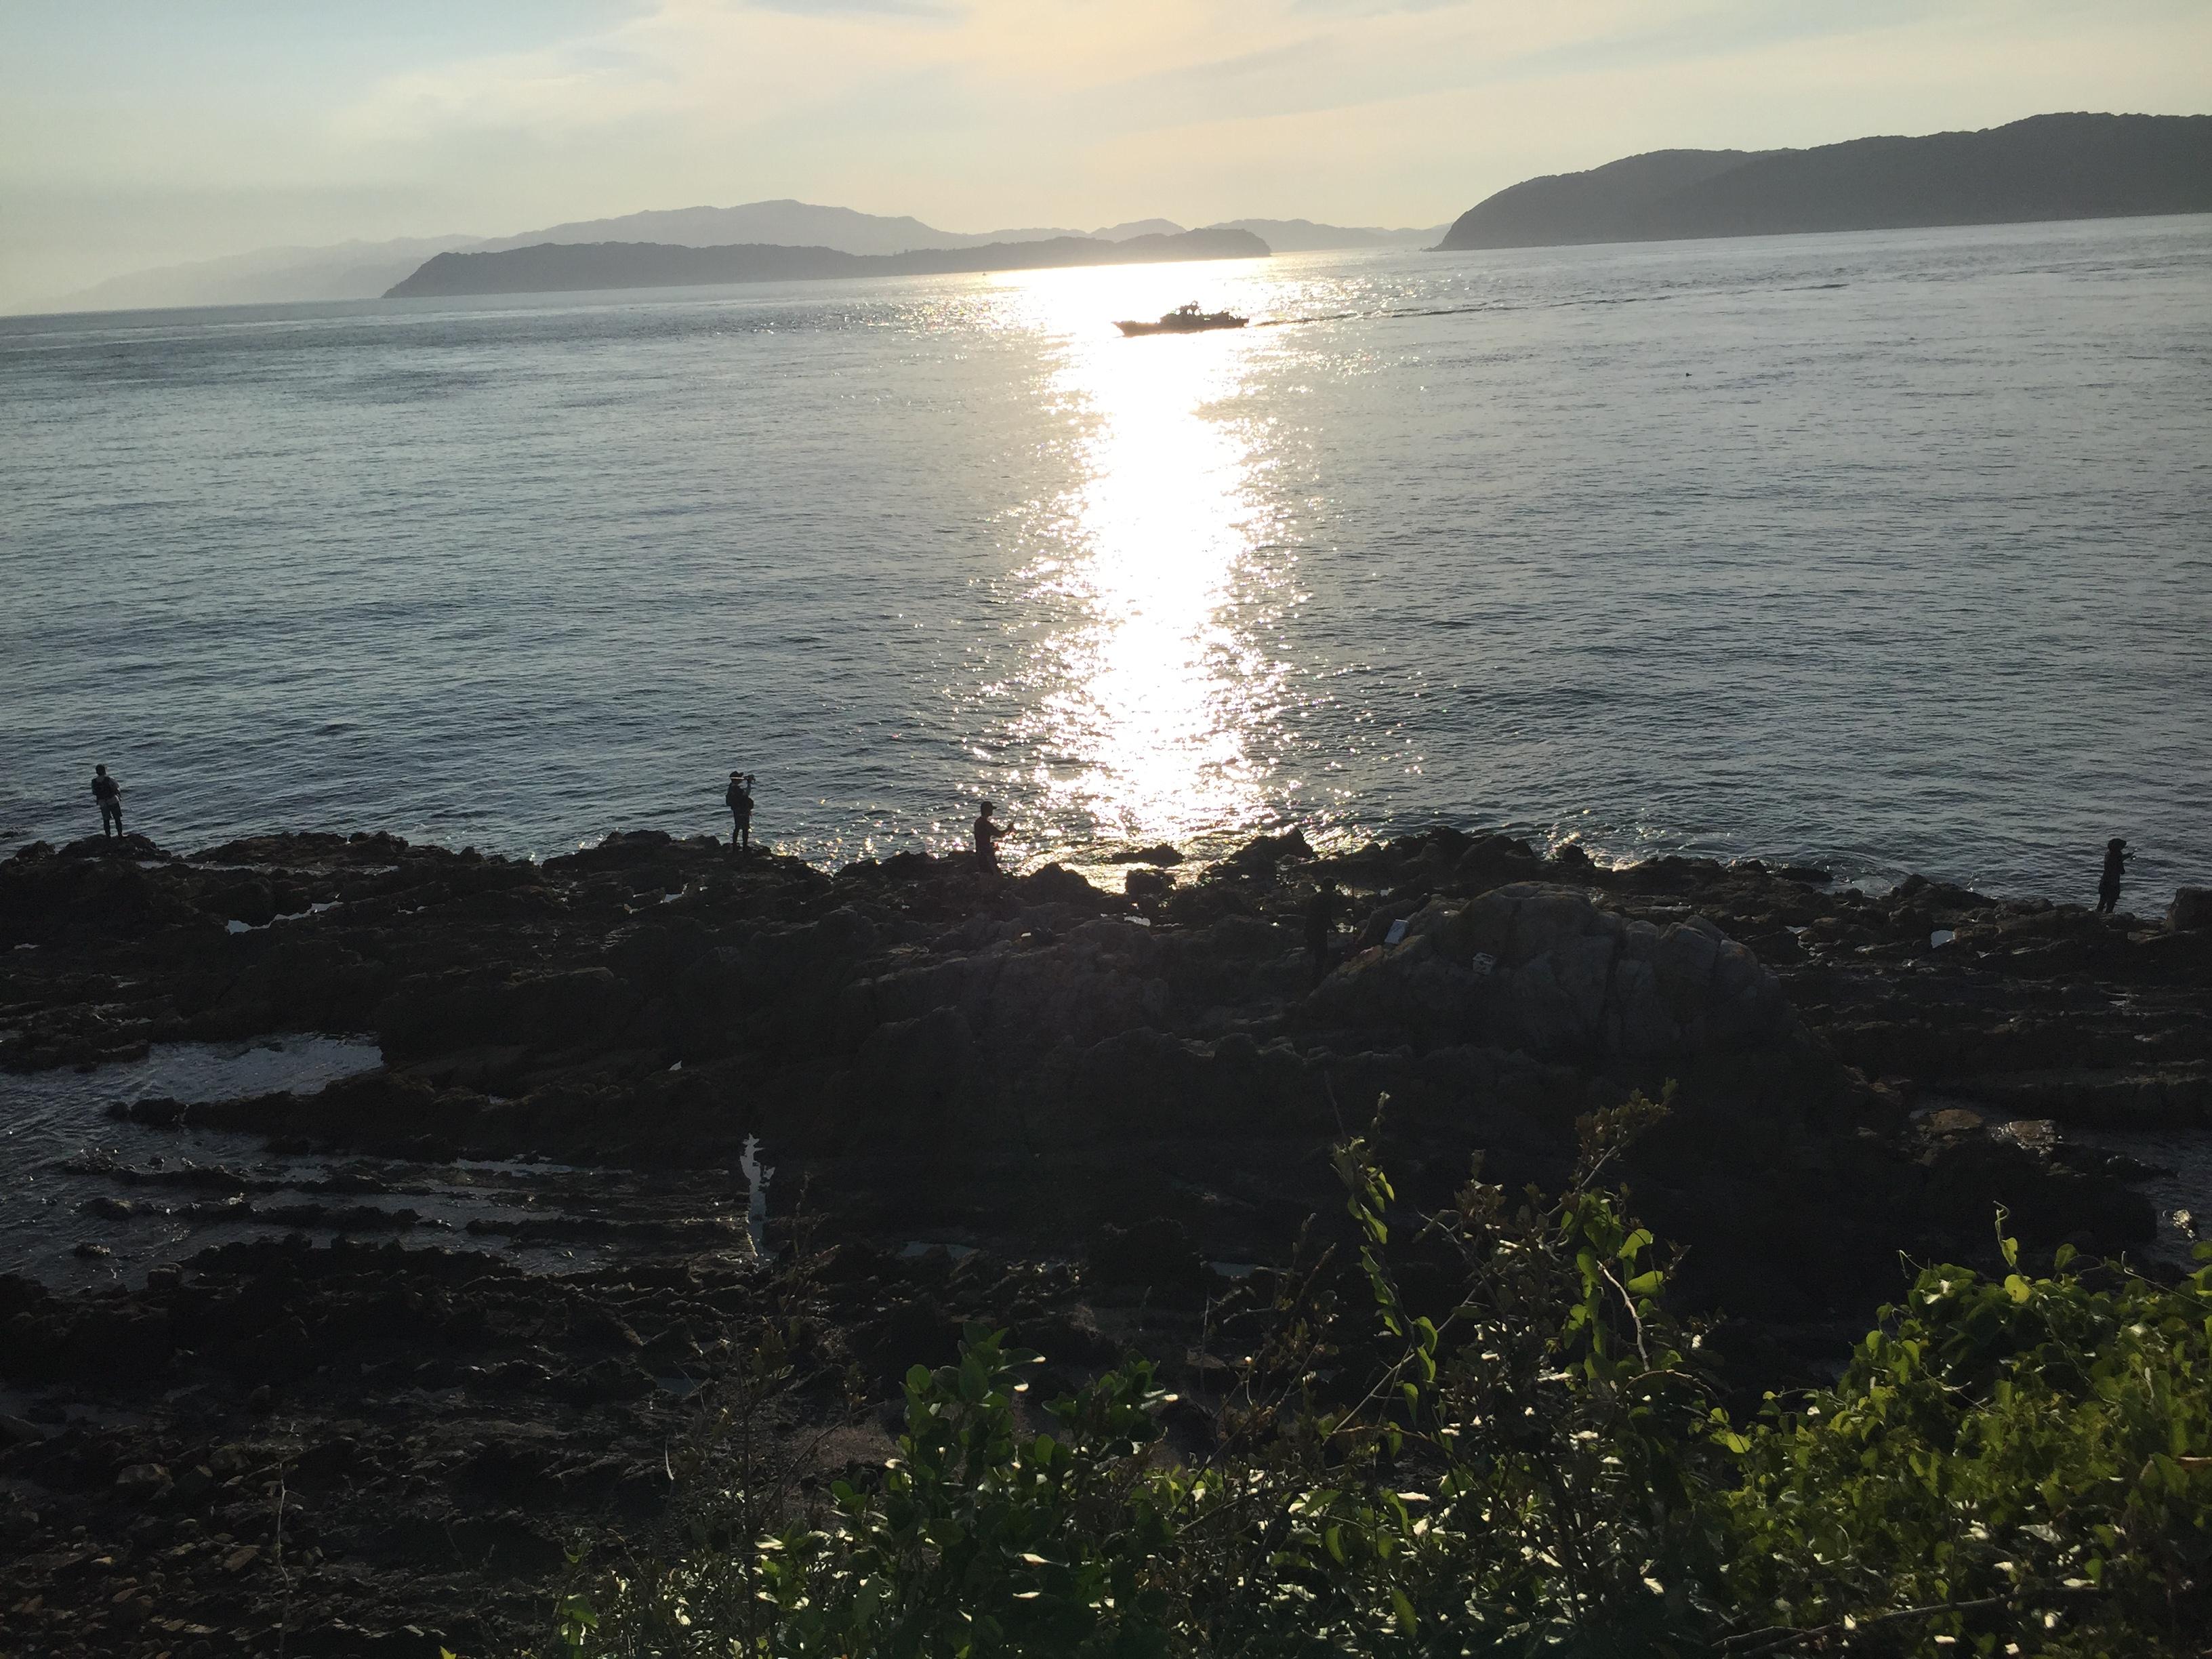 城ヶ崎の釣り場紹介、和歌山大阪近郊のショアジギング地磯